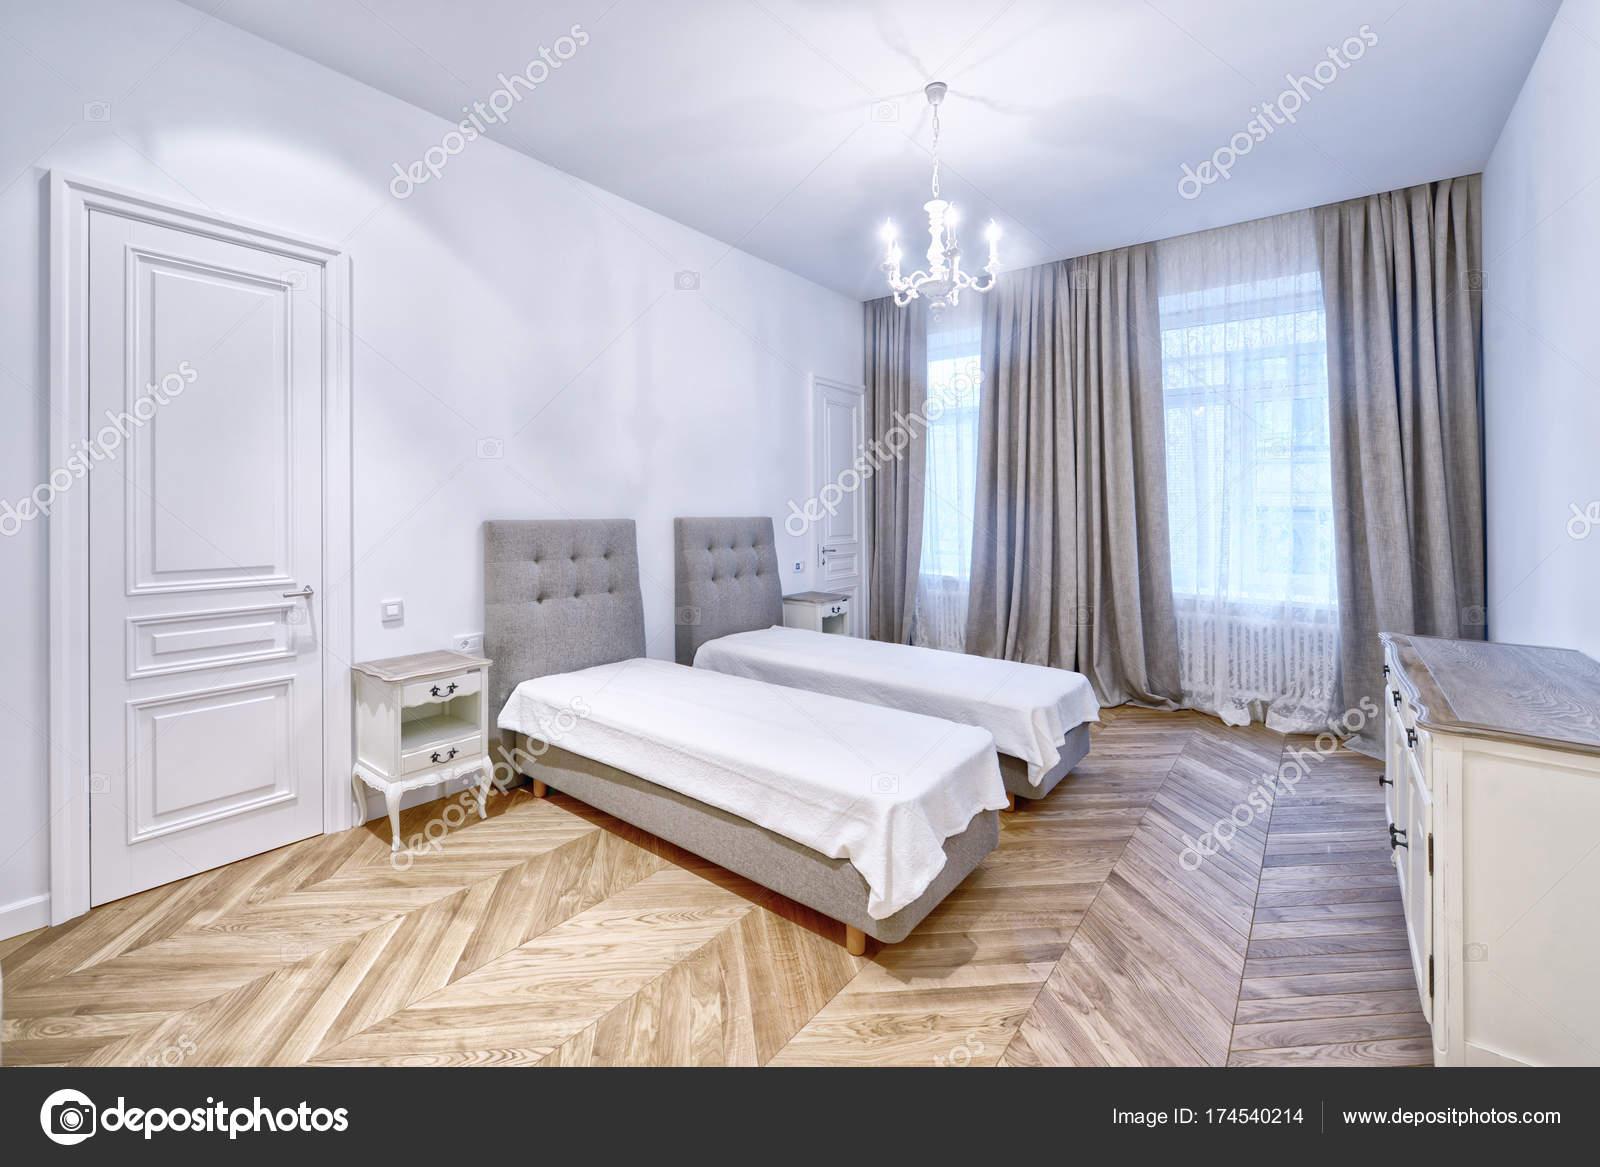 Dormitorio dise o de interiores dise o de interiores for Diseno de interiores dormitorios